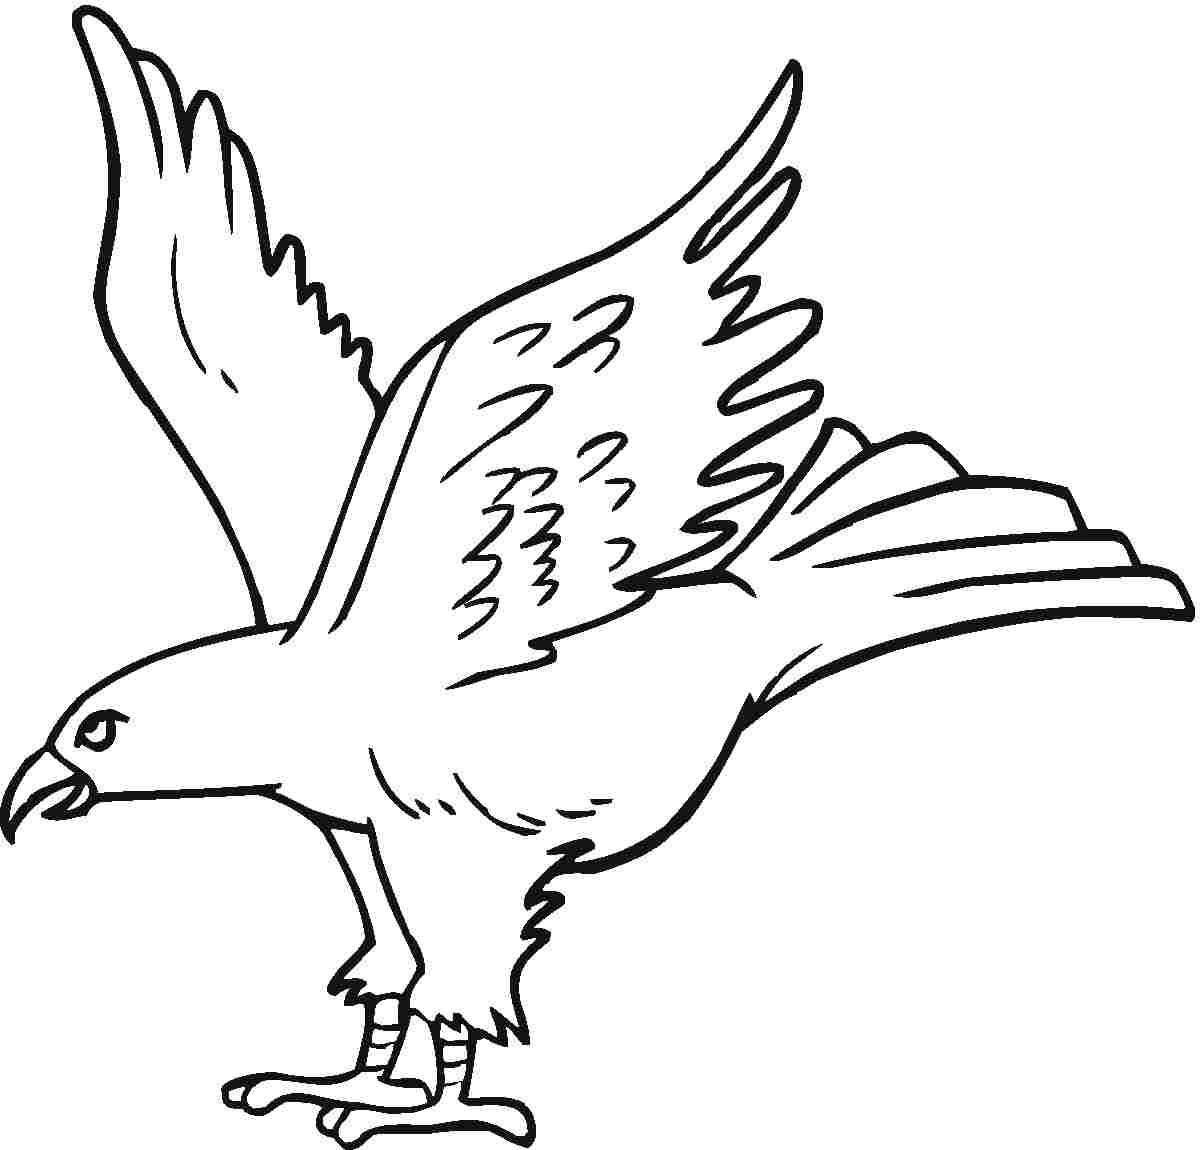 Download 80 Gambar Burung Untuk Mewarnai Paling Baru Gratis